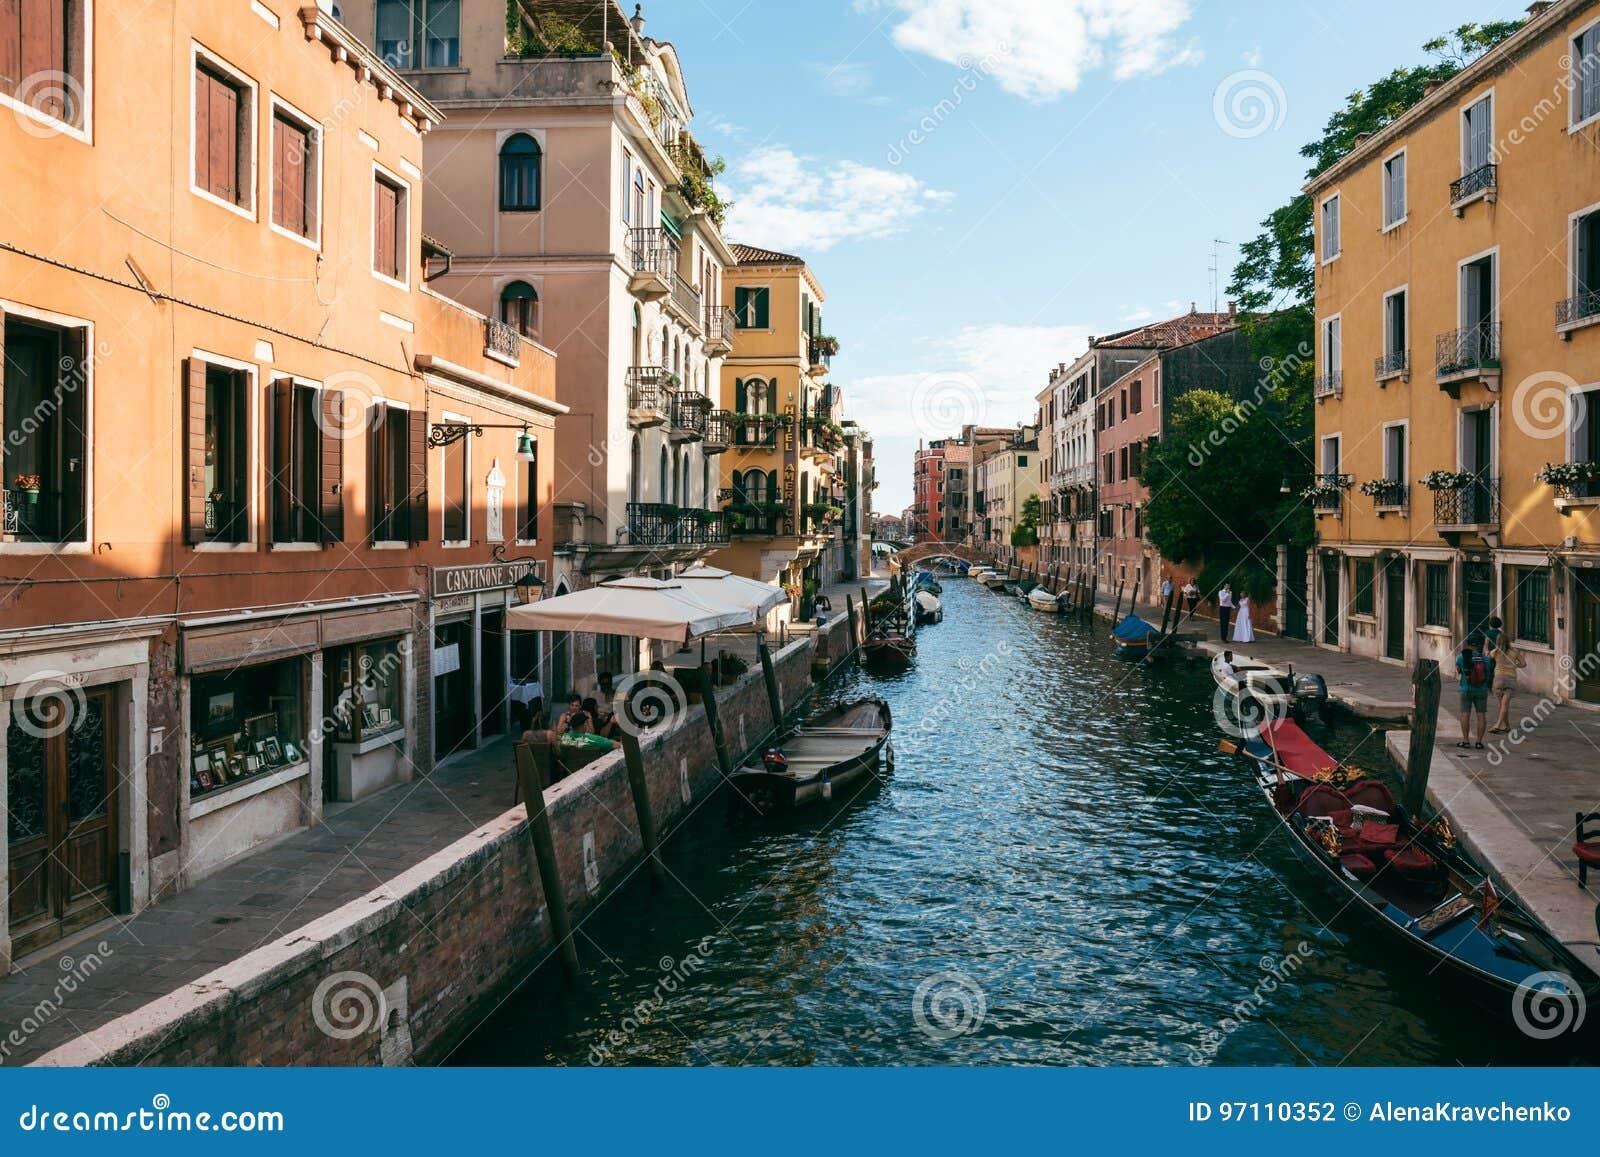 Люди наряду с каналом в Венеции на солнечный летний день